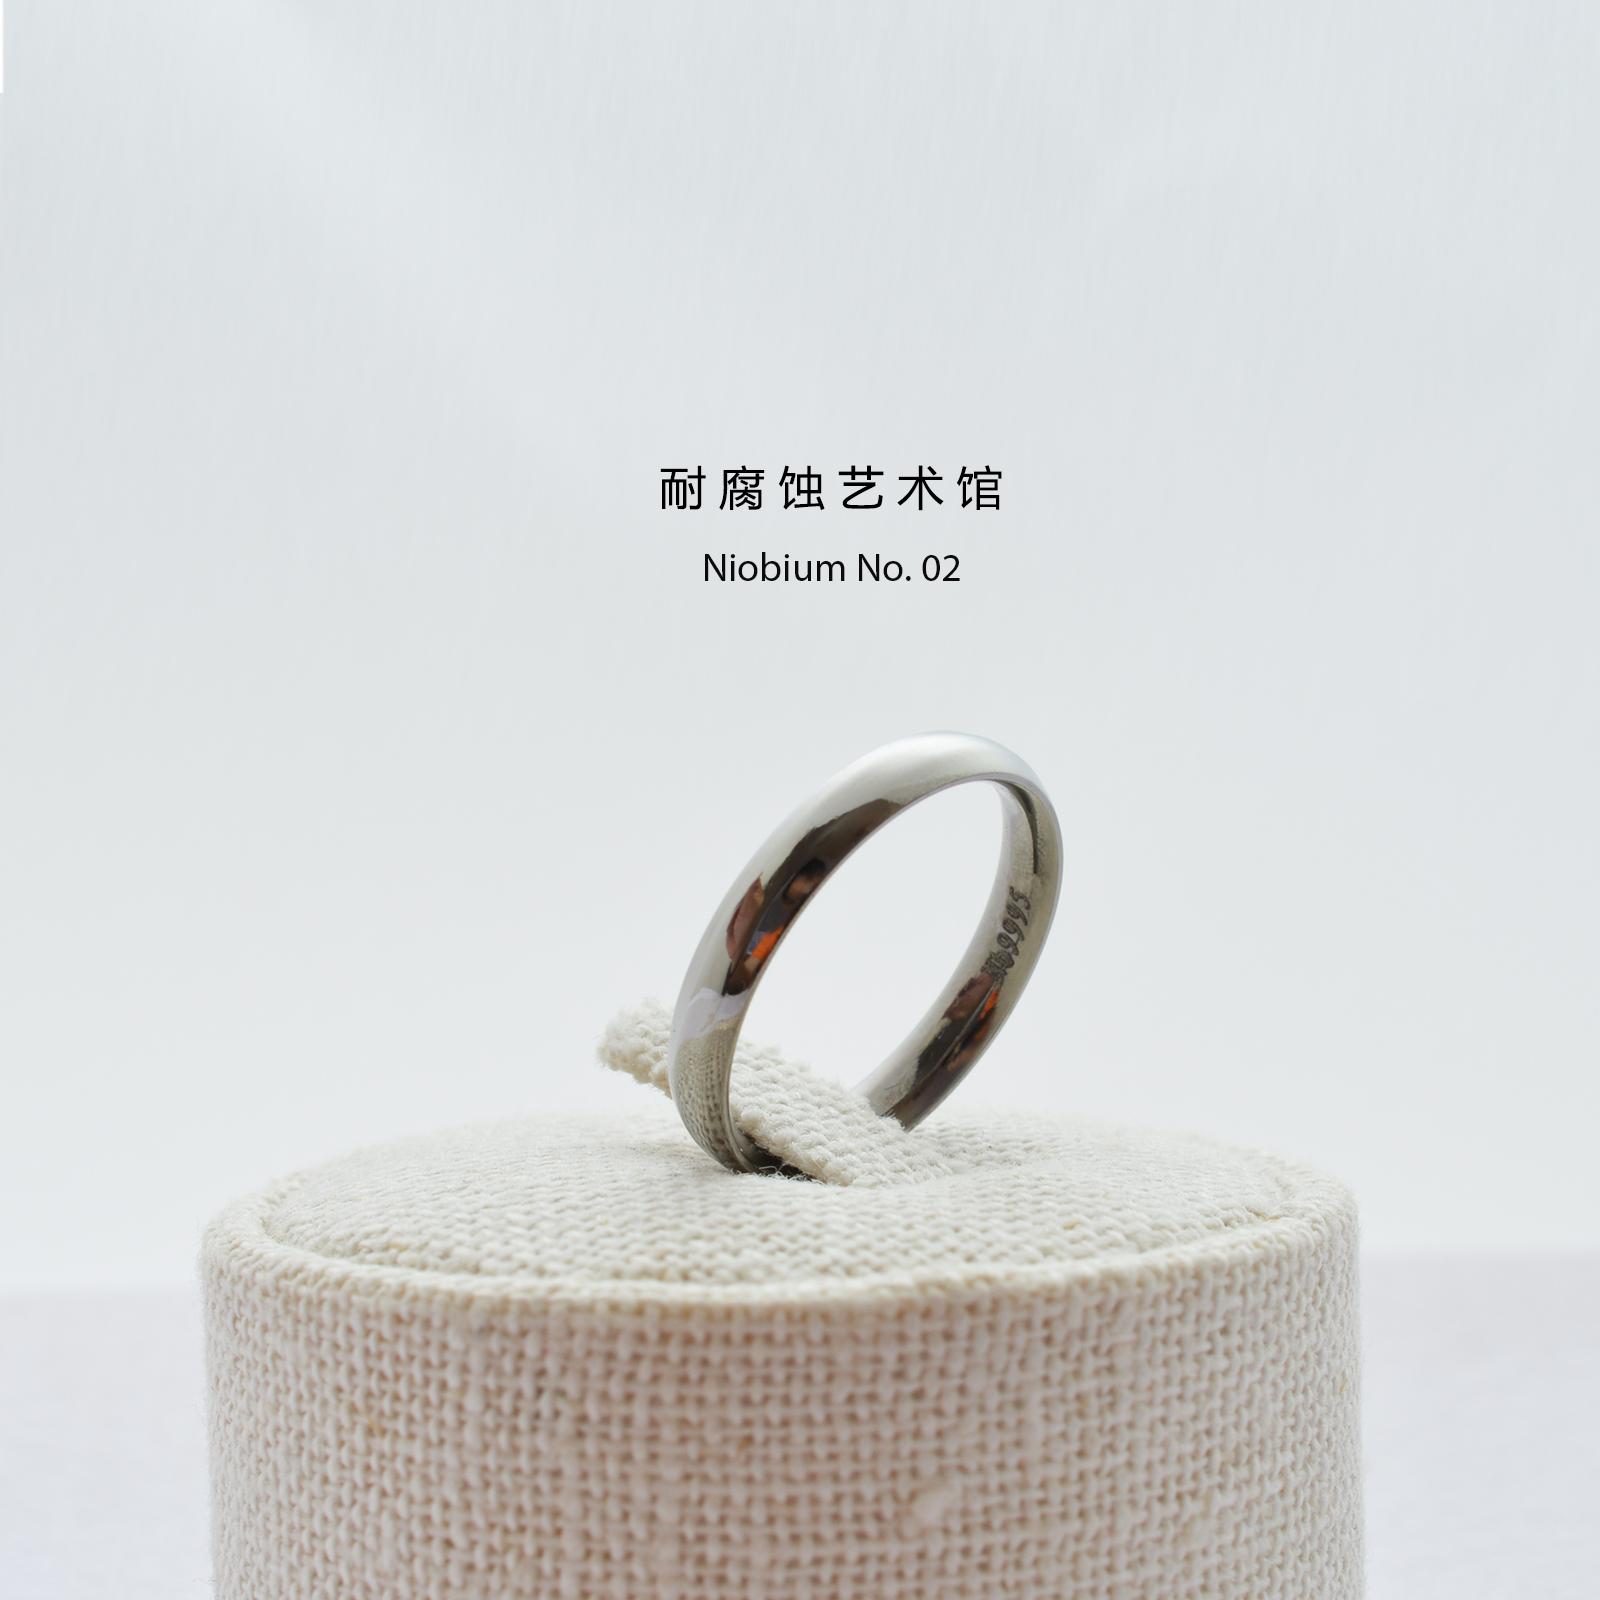 耐腐蚀艺术馆多尺寸长期佩戴设计戒指Nb纯铌戒指DawnThe